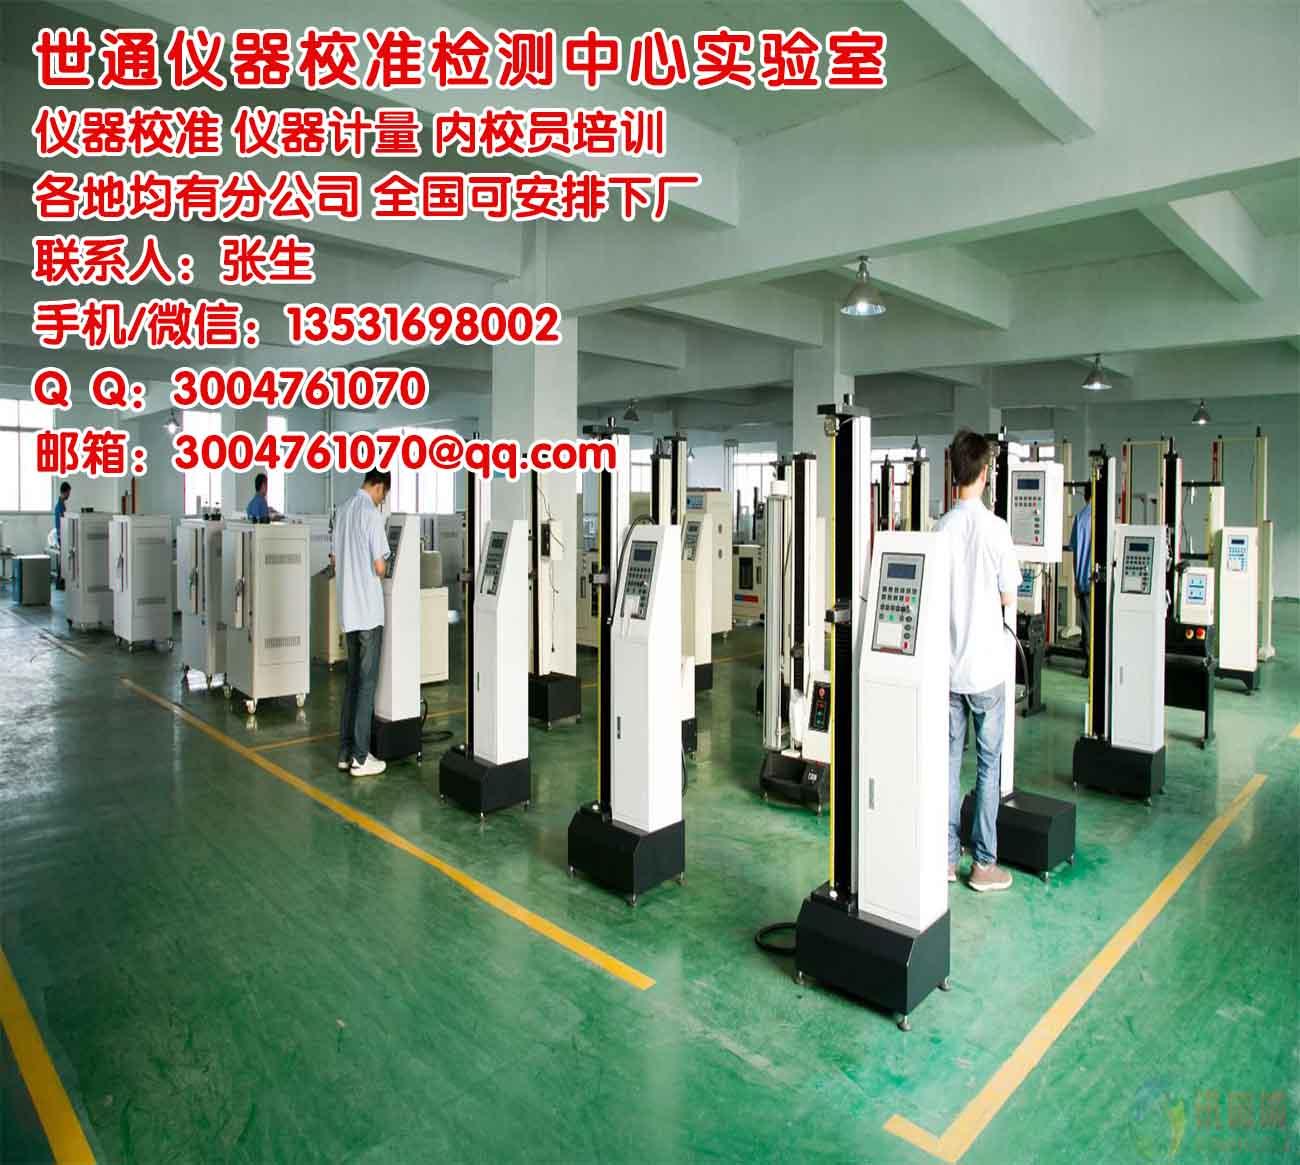 丽水仪器校准报告堂堂正正 提供下厂优质服务